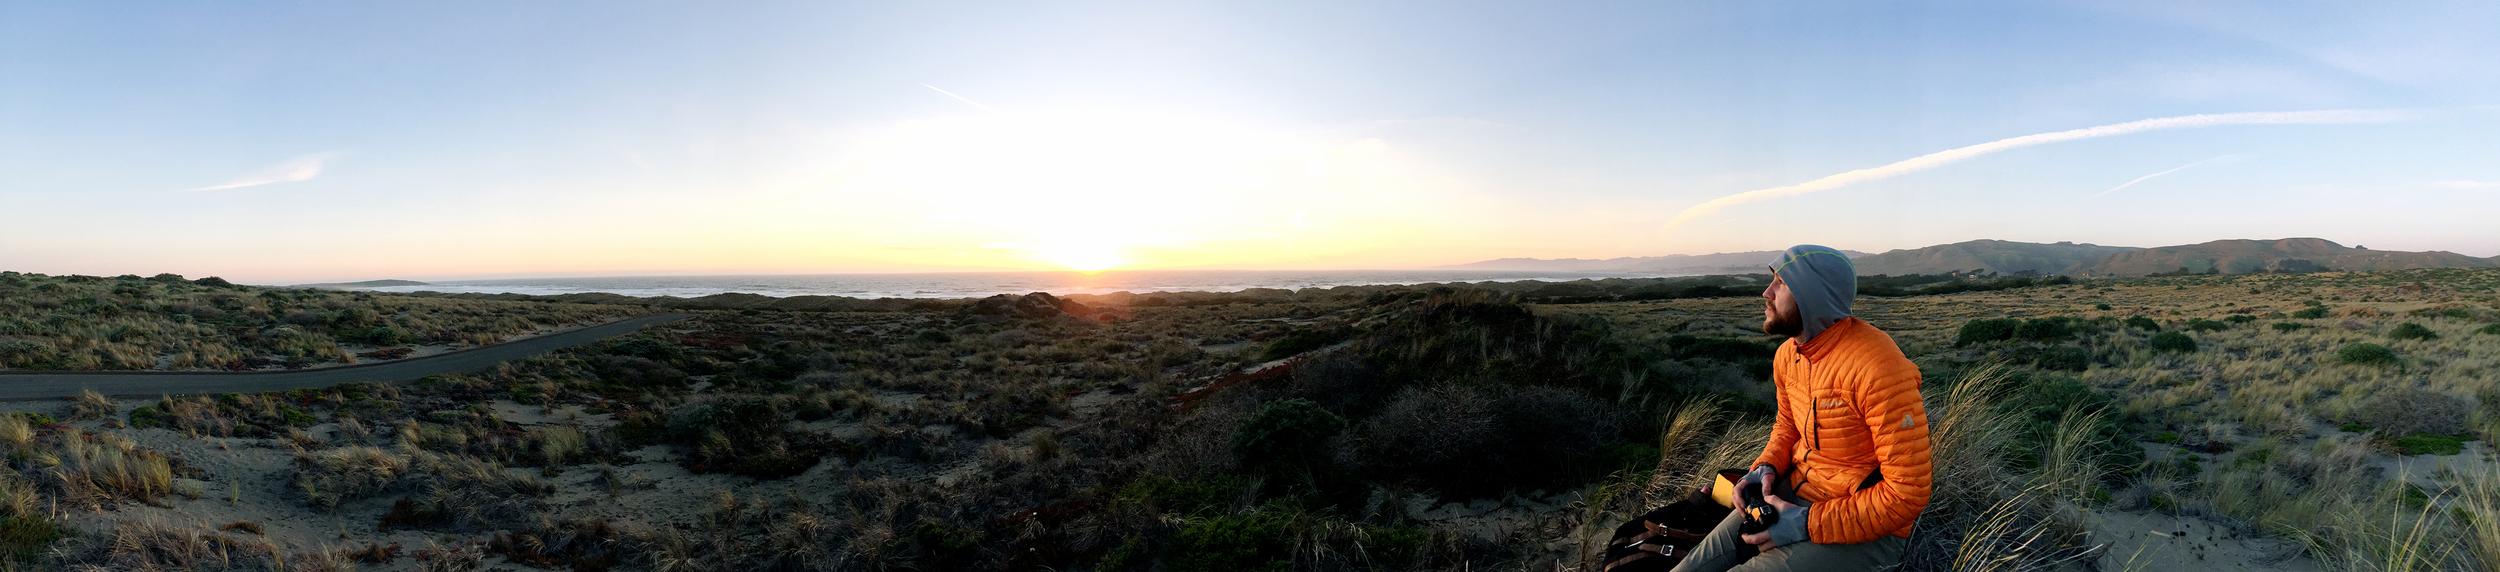 West-Coast-b.jpg